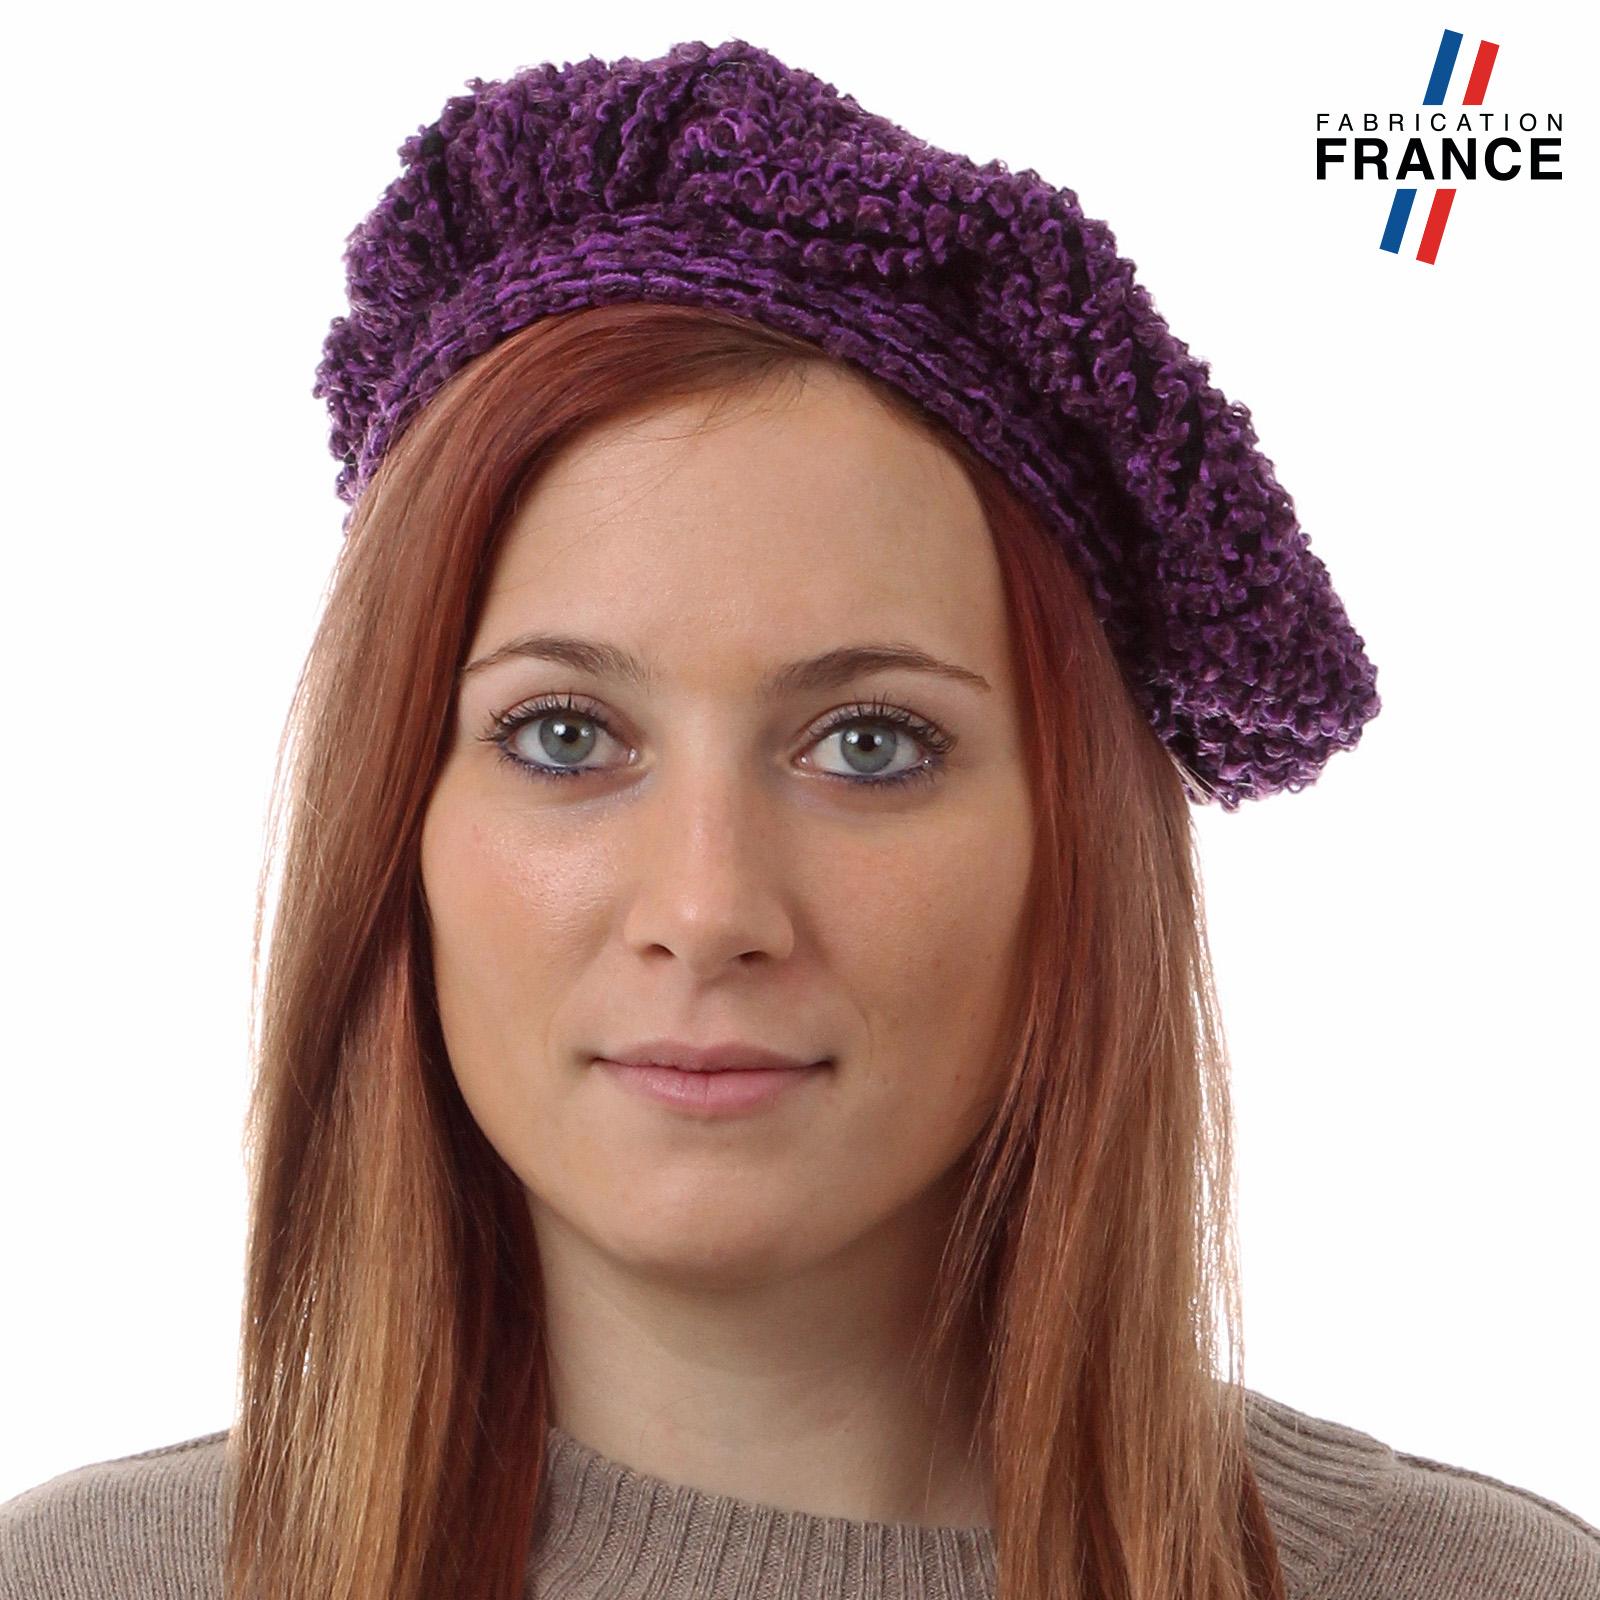 CP-00681-V16-beret-femme-violet-fabrication-francaise